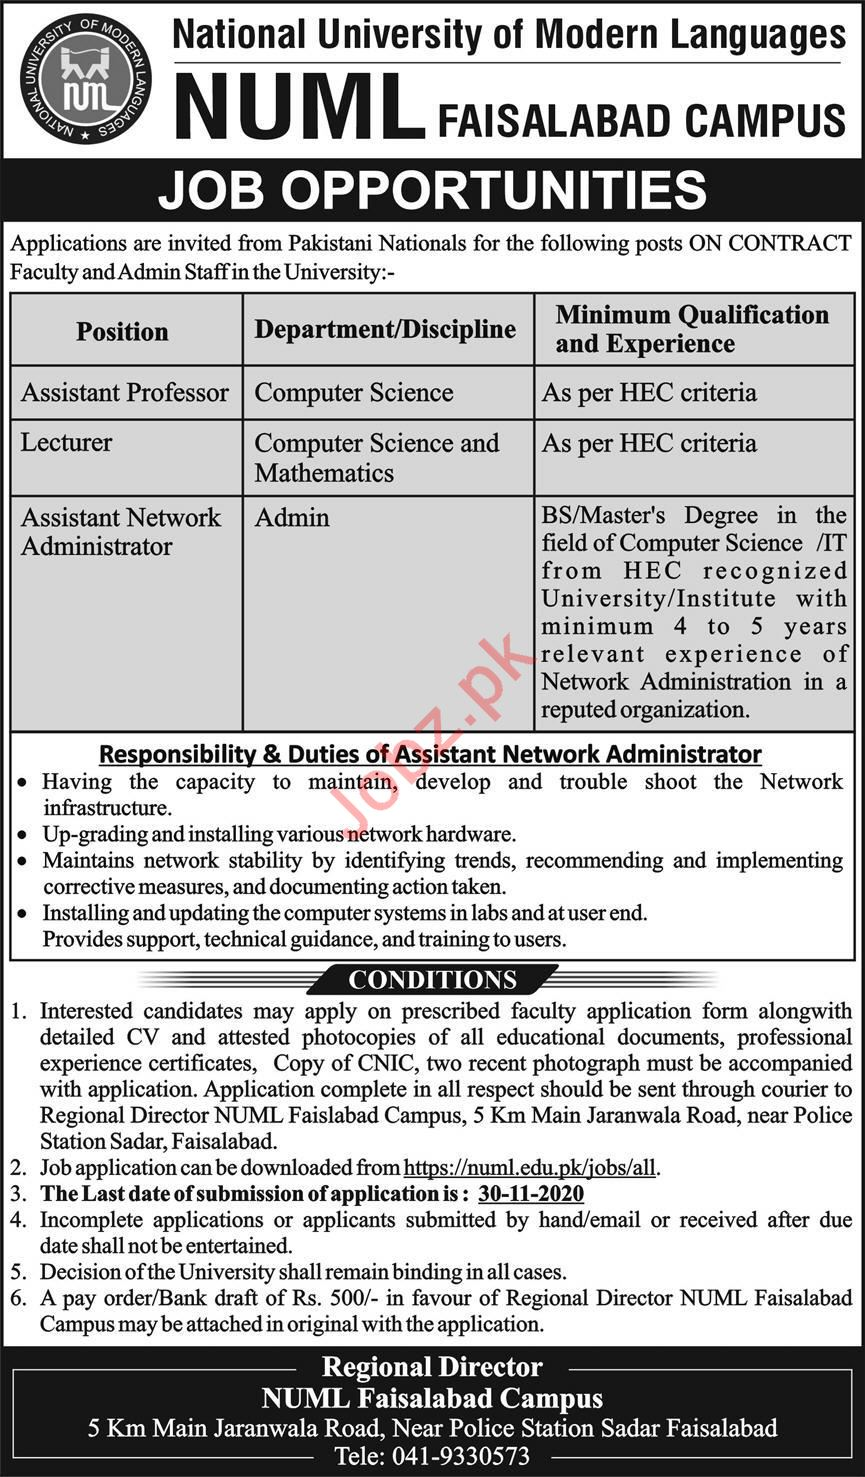 NUML University Faisalabad Campus Faculty Staff Jobs 2020